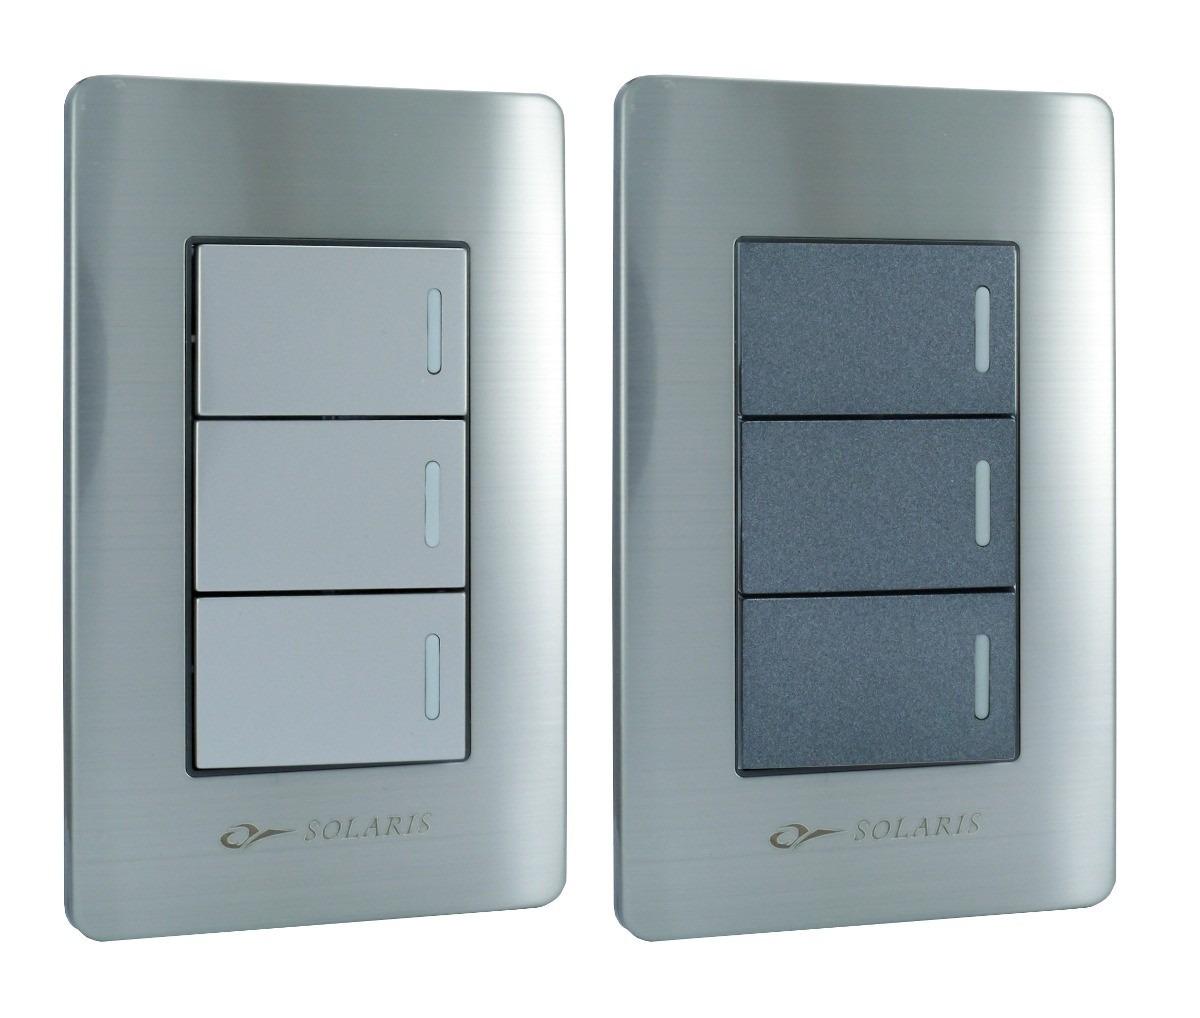 Contactos y apagadores placas armadas en acero inoxidable - Acero inoxidable precios ...